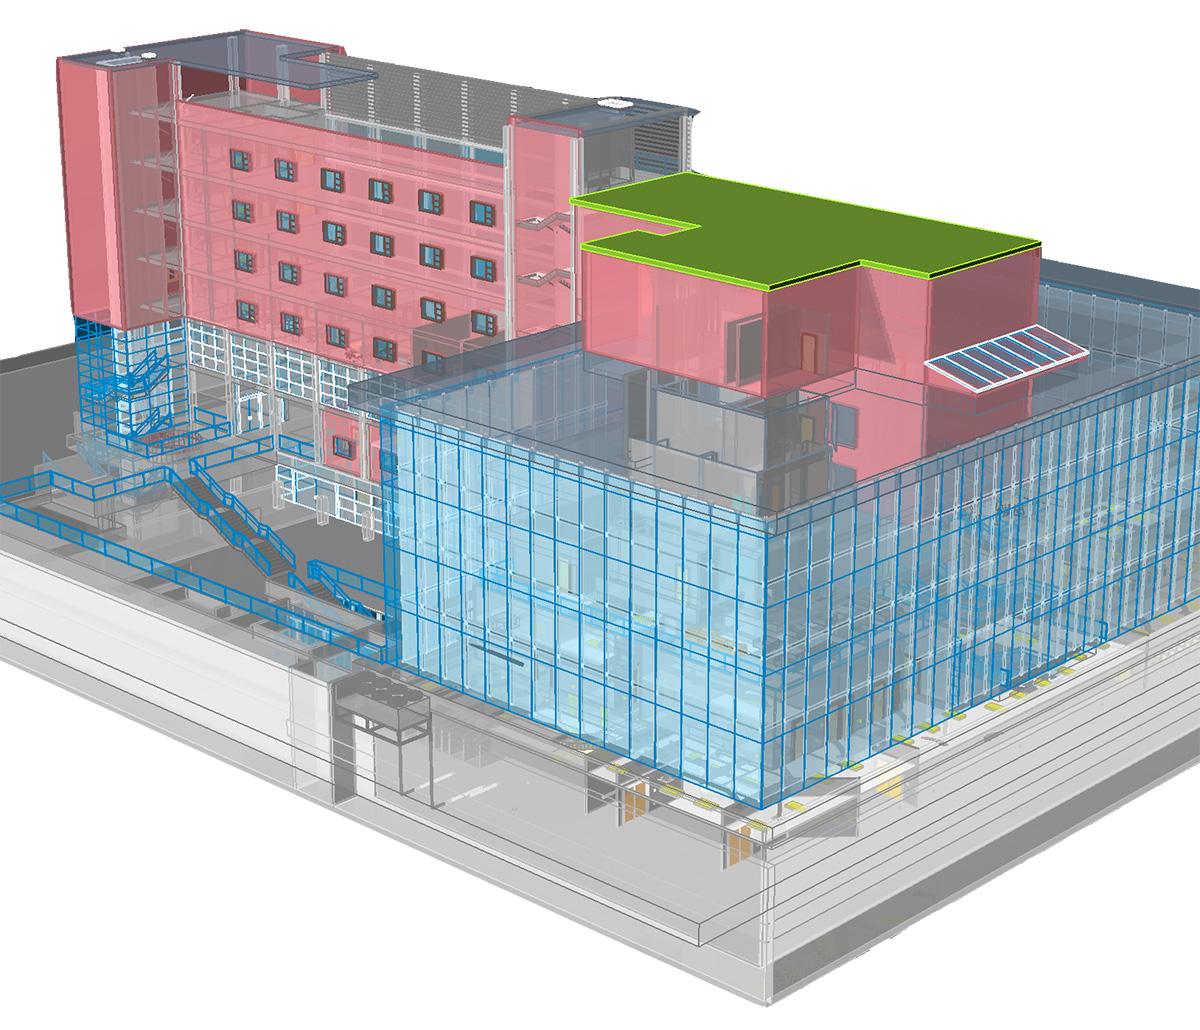 MiTek Estimating Software - Screenshot of 3D model estimating software